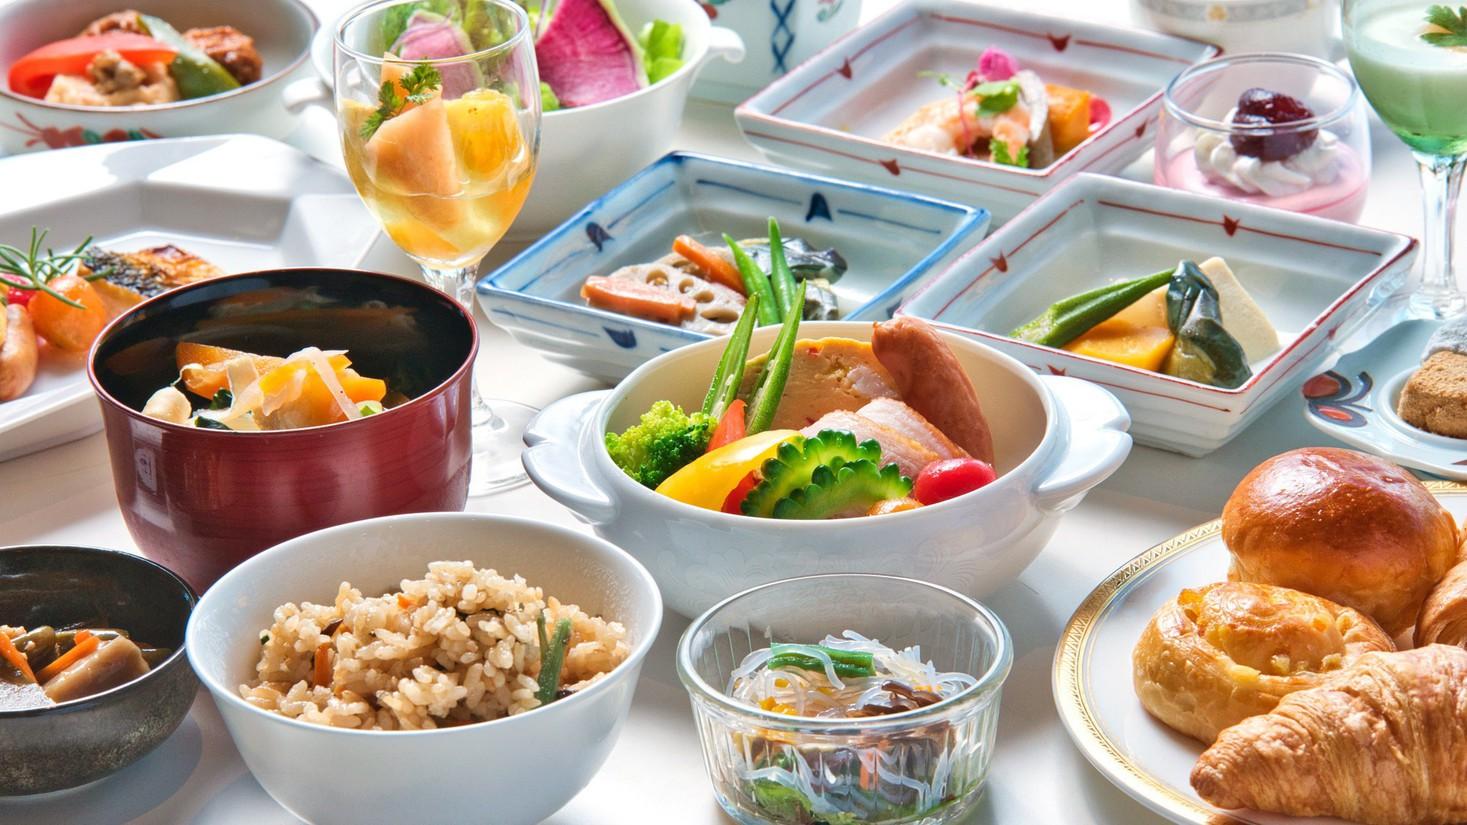 【秋冬旅セール】★ご家族やカップルにおススメ★朝食付きプラン〜岡山国際ホテルで優雅な朝食を〜